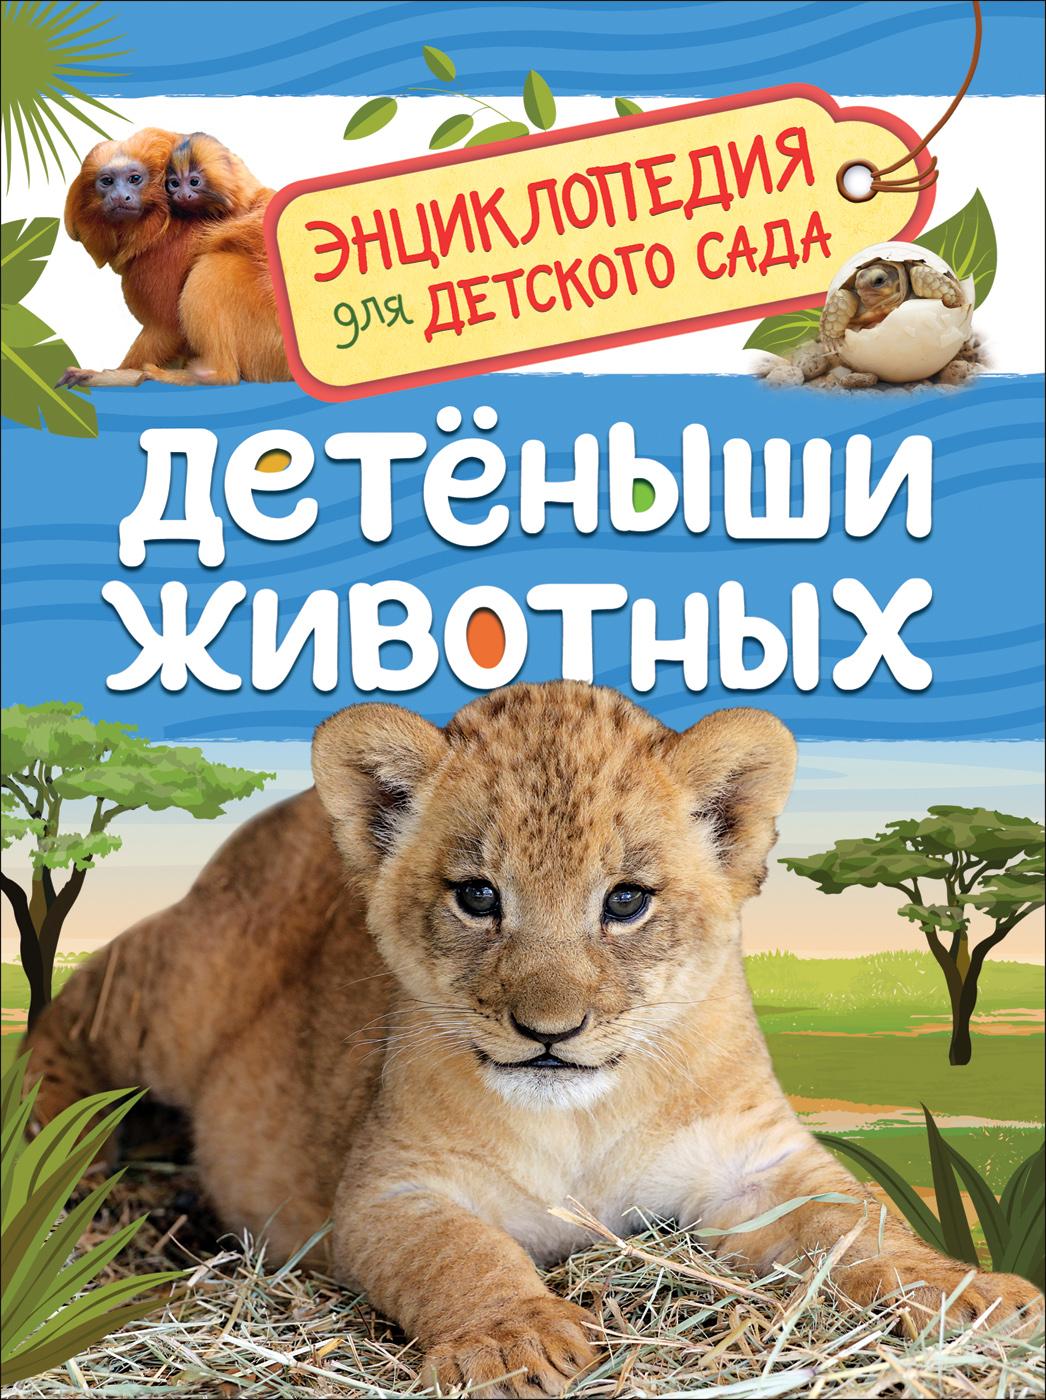 Kljushnik L. V. Detenyshi zhivotnykh (Entsiklopedija dlja detskogo sada)